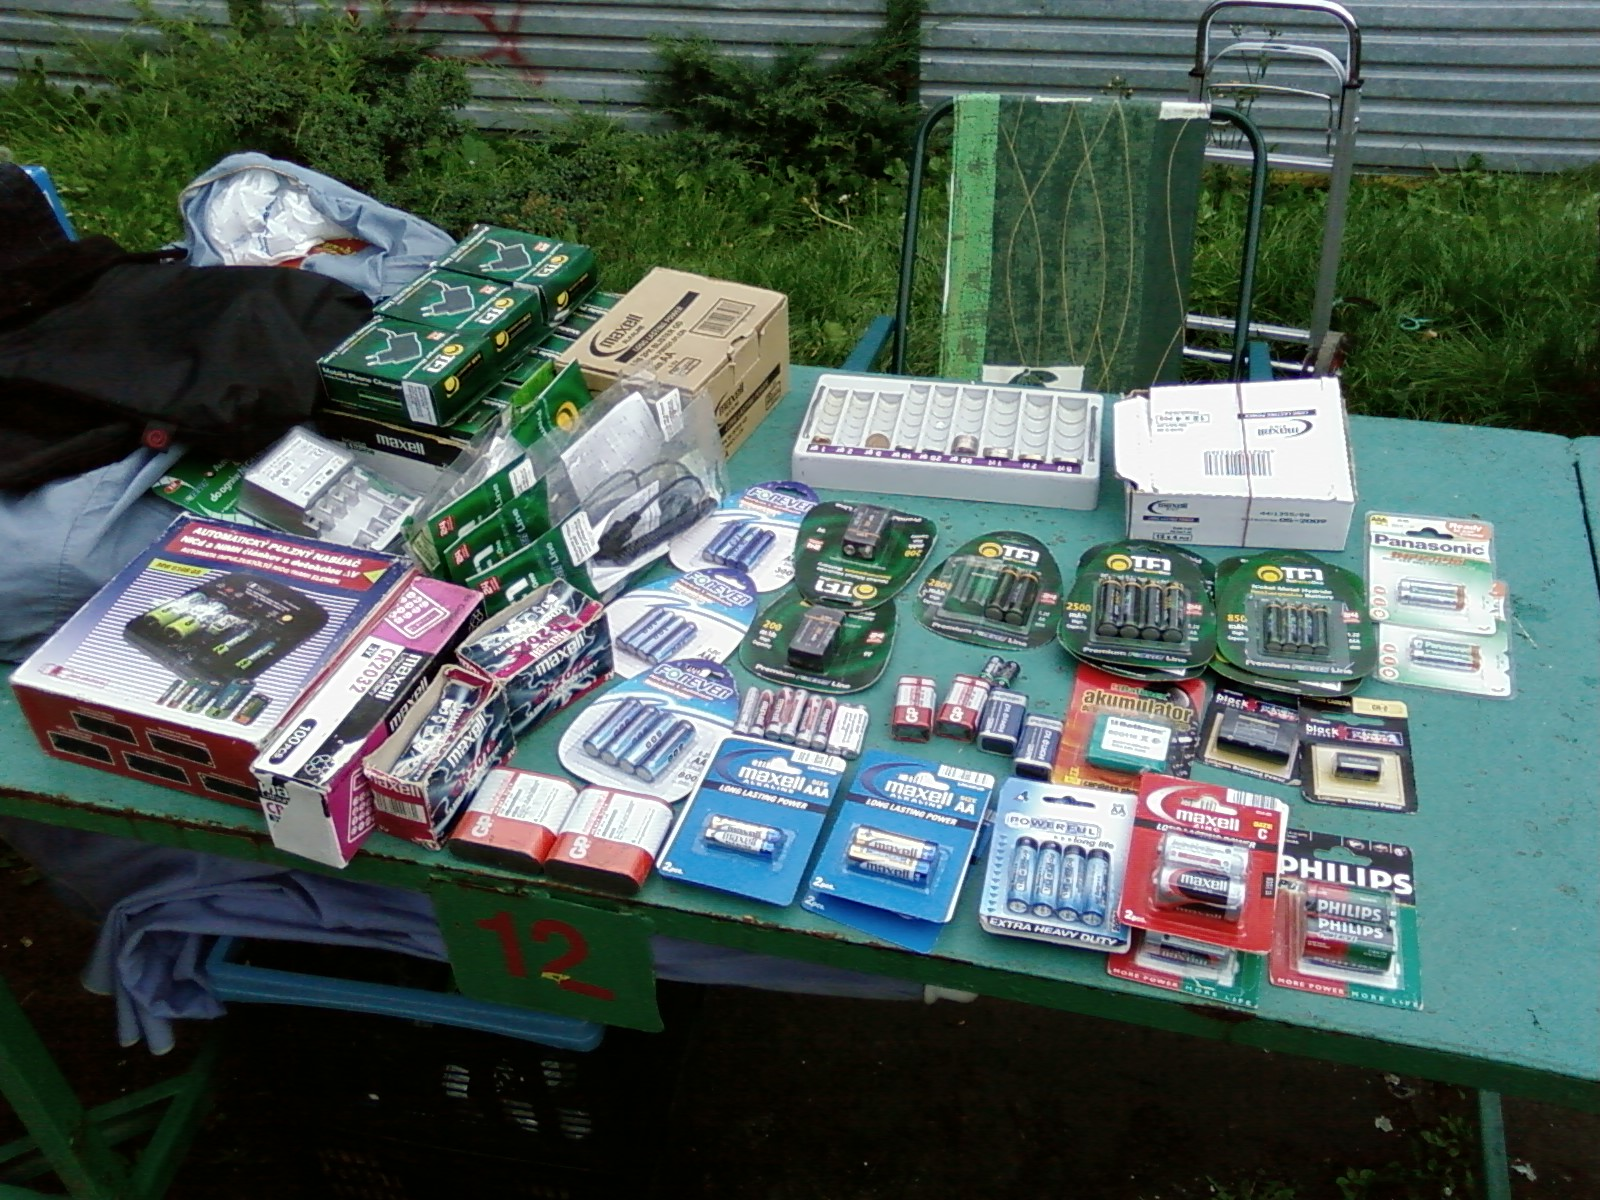 Sprzedaż baterii i akumulatorów-jeszcze na targowisku.Warszawa,listopad 2007